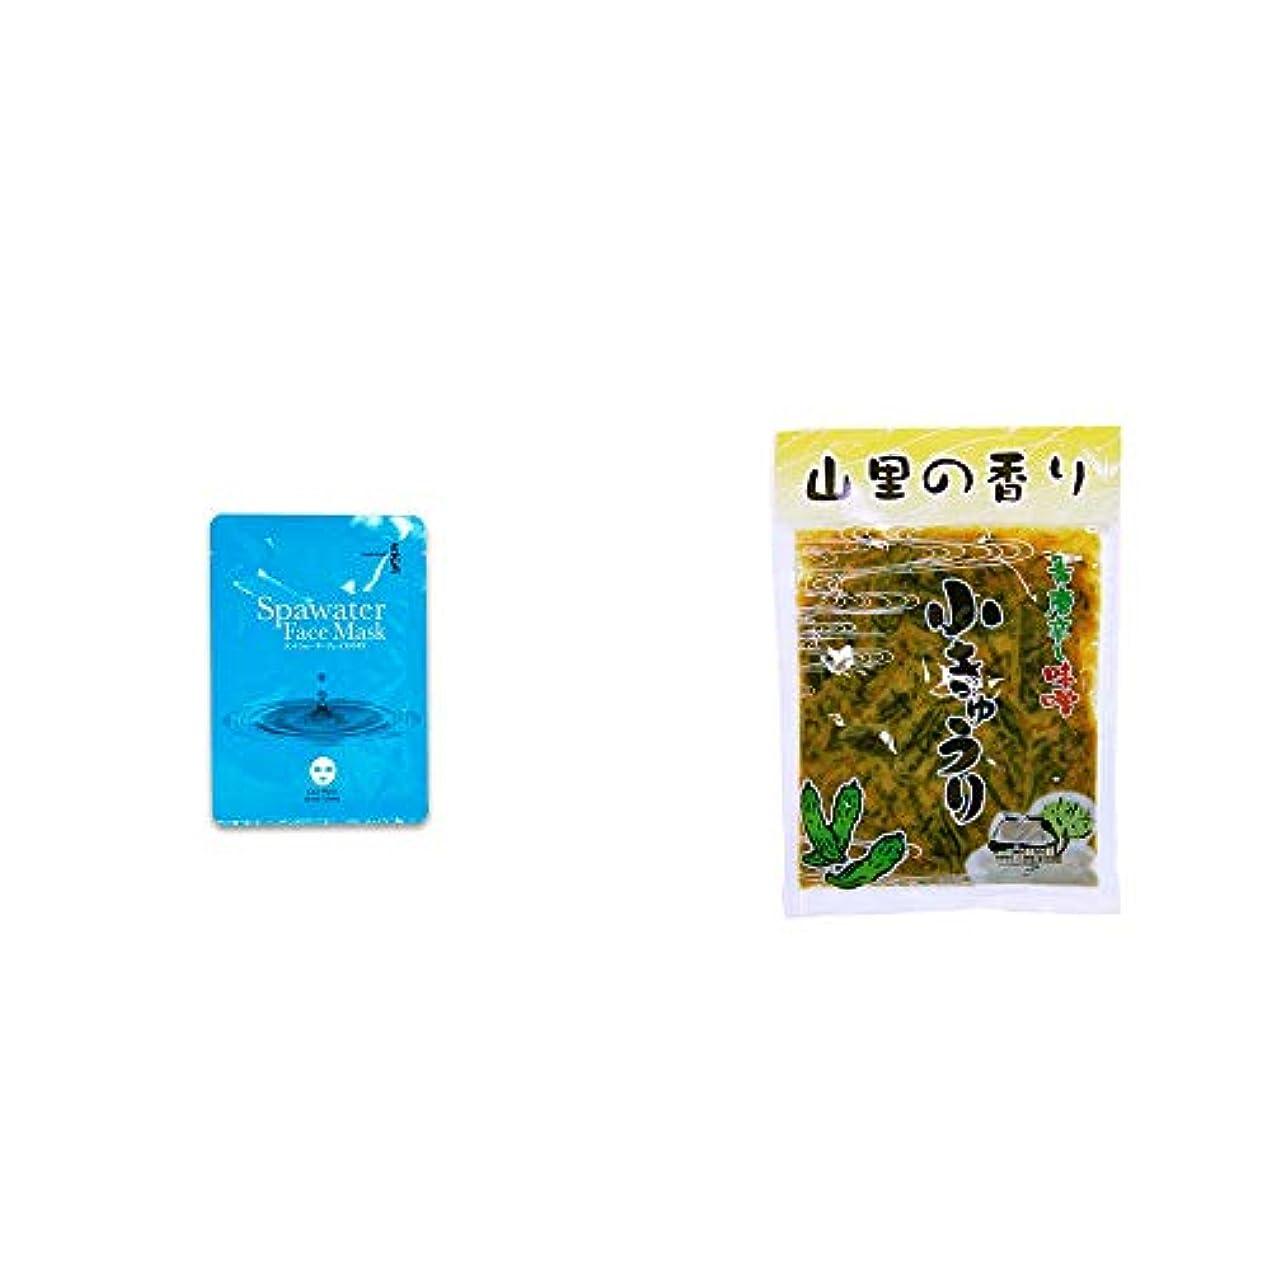 仕立て屋志す本[2点セット] ひのき炭黒泉 スパウォーターフェイスマスク(18ml×3枚入)?山里の香り 青唐辛し味噌 小きゅうり(250g)